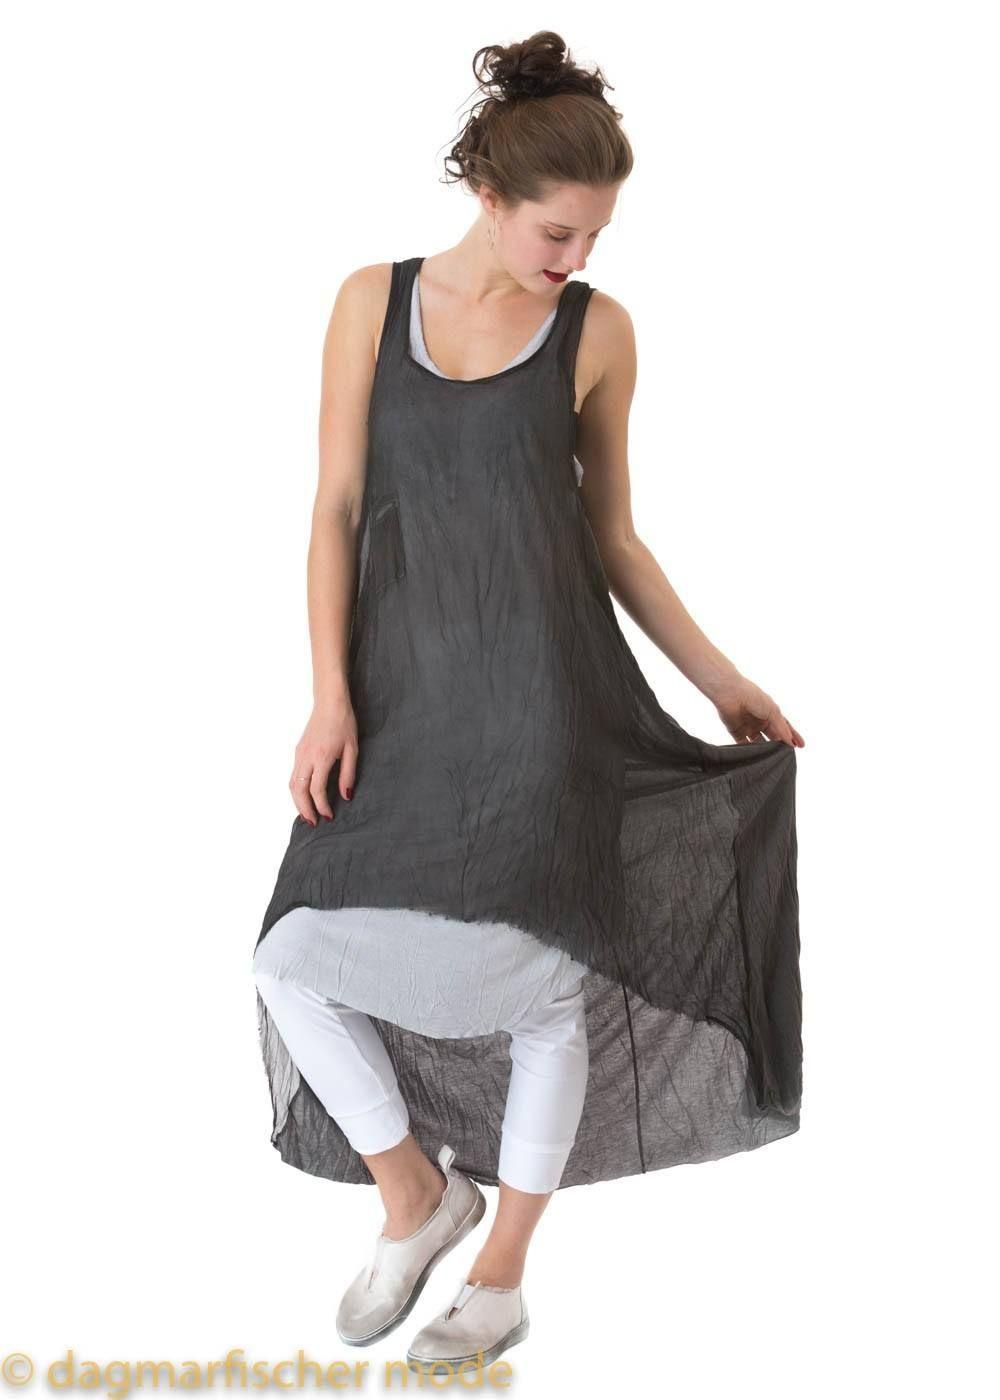 17 Ausgezeichnet Kleider Einkaufen VertriebAbend Leicht Kleider Einkaufen Stylish